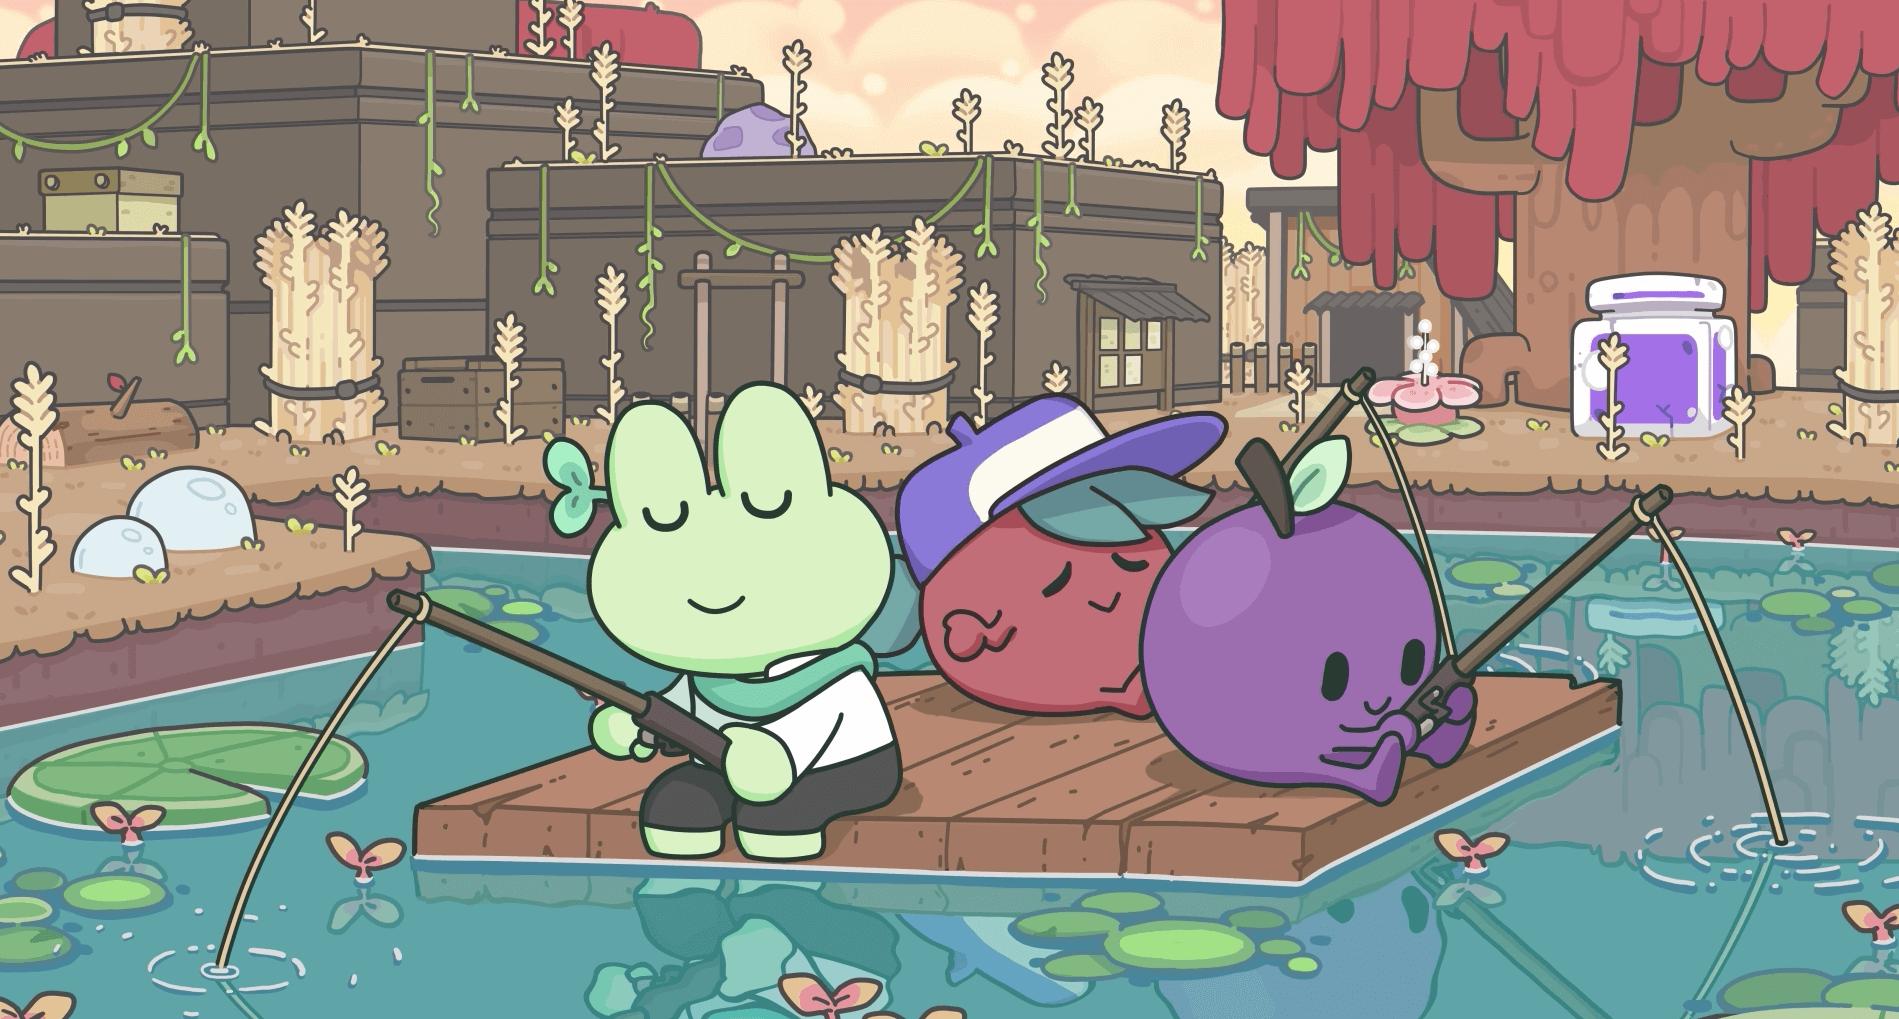 Rose City Games的游戏《花园故事》